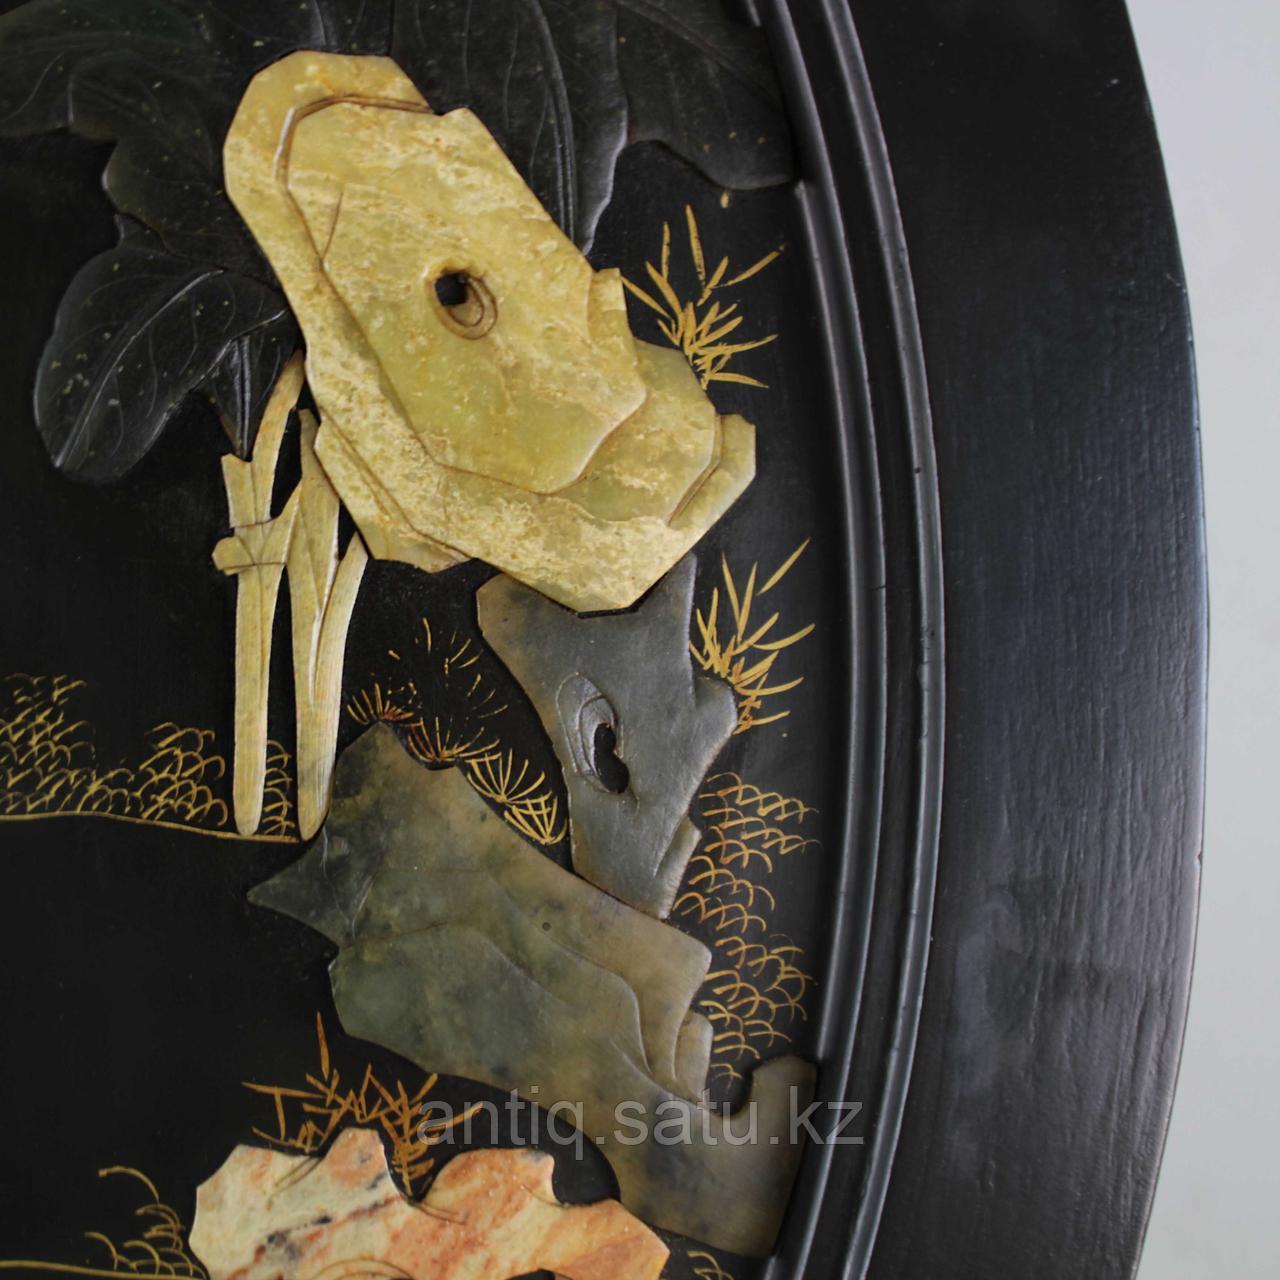 Журнальный столик с натуральными камнями под стеклом. Ручная работа - фото 6